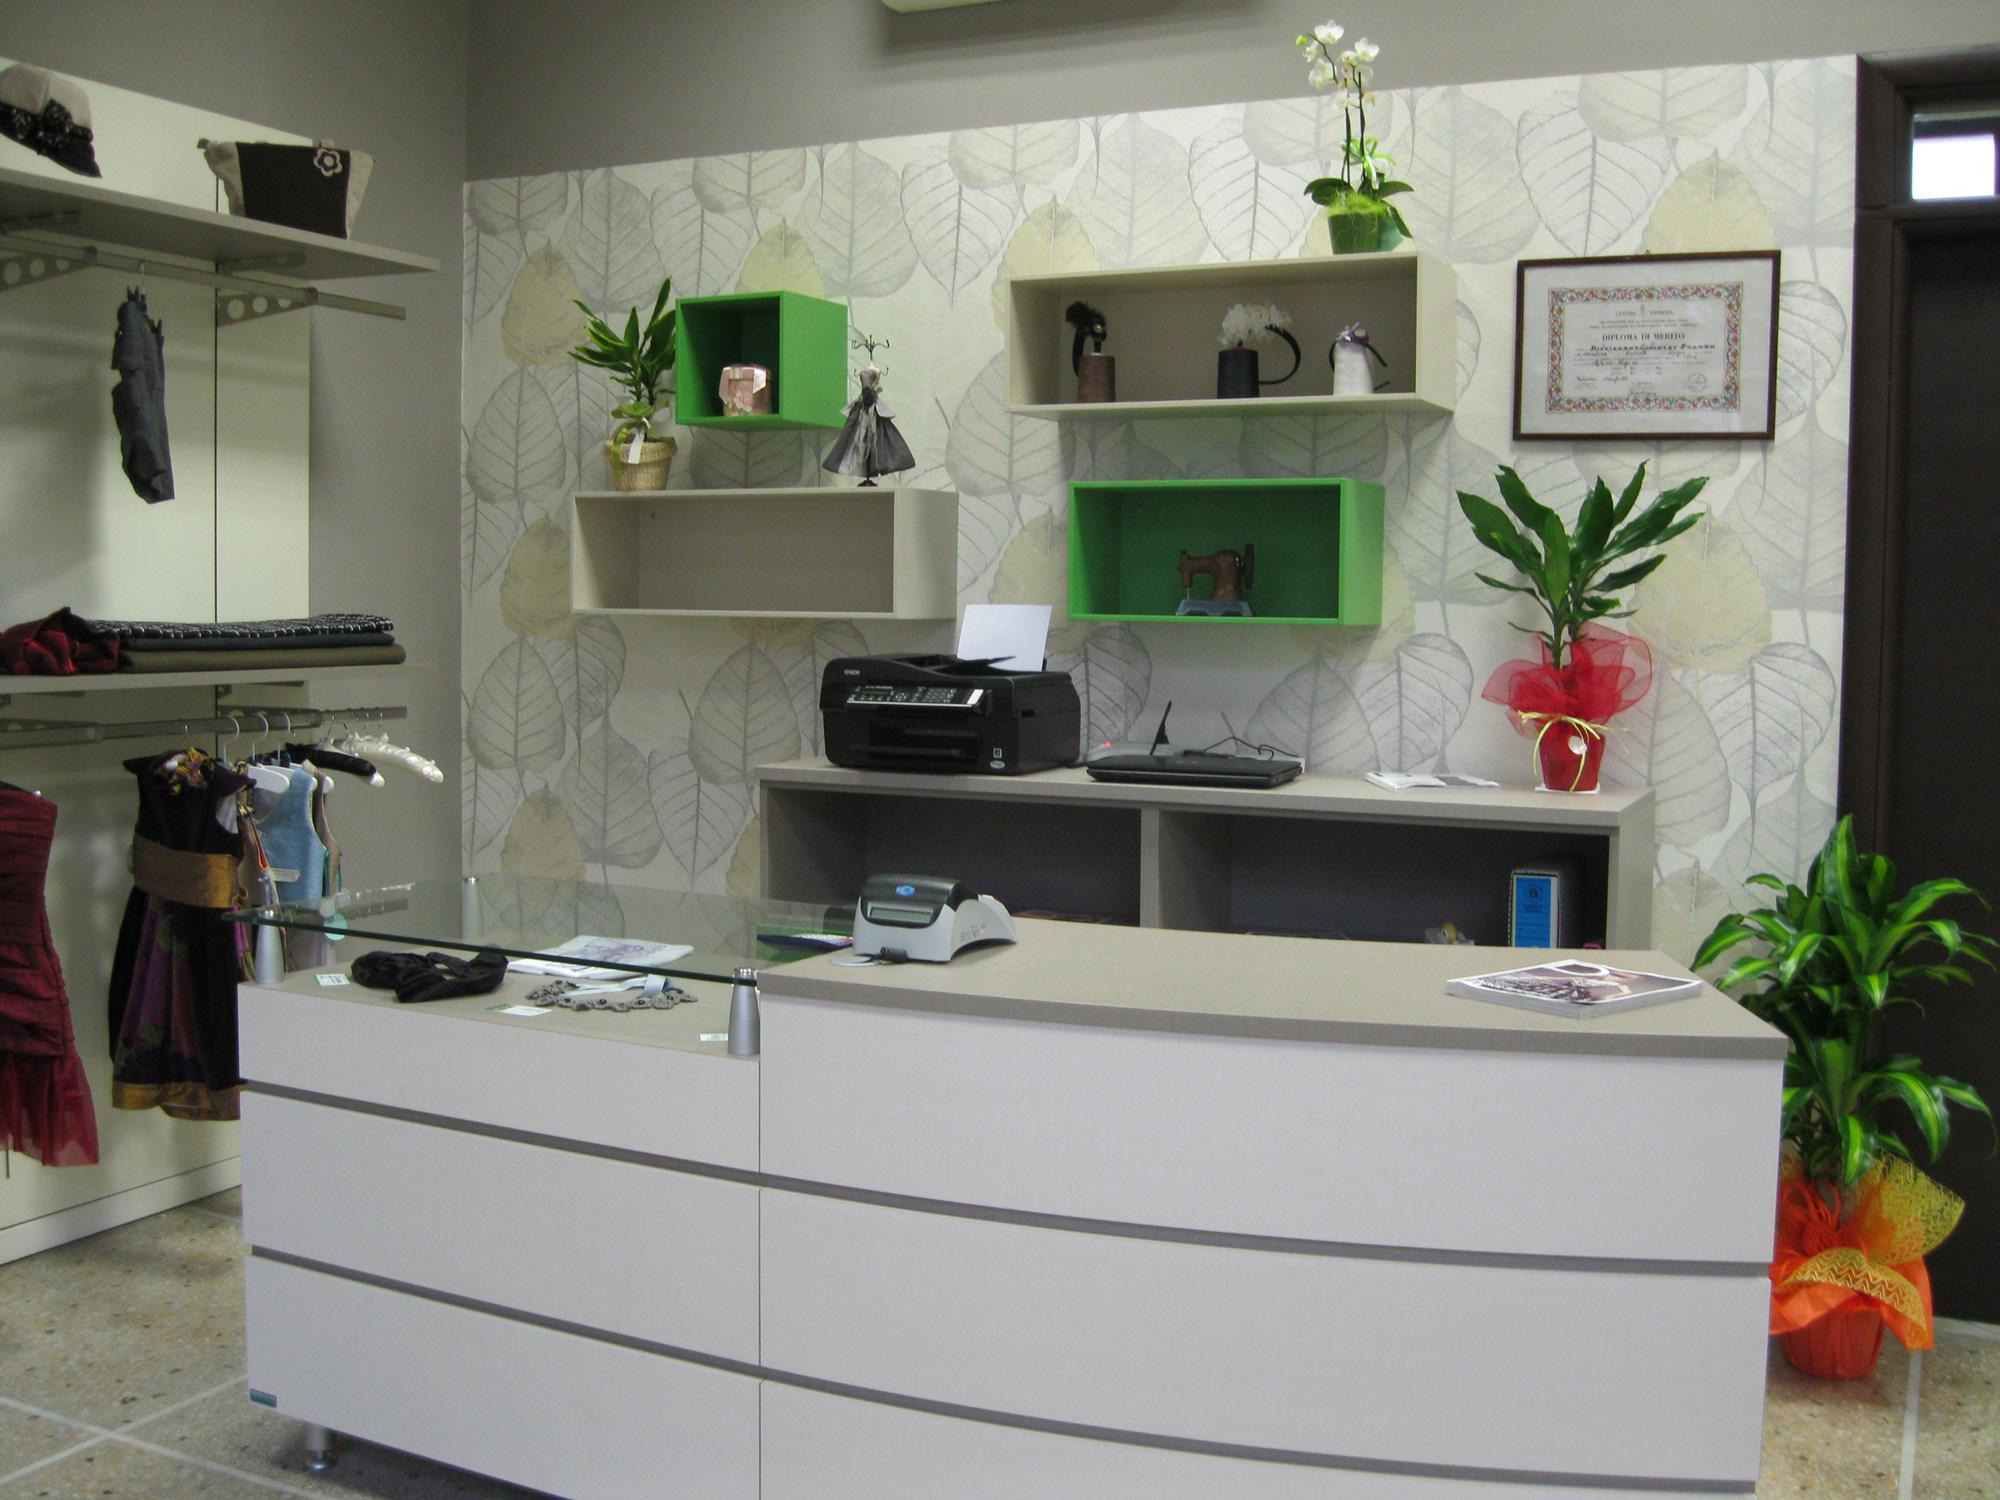 Arredamento firenze negozi negozio tipico della provenza for Negozi arredamento lucca